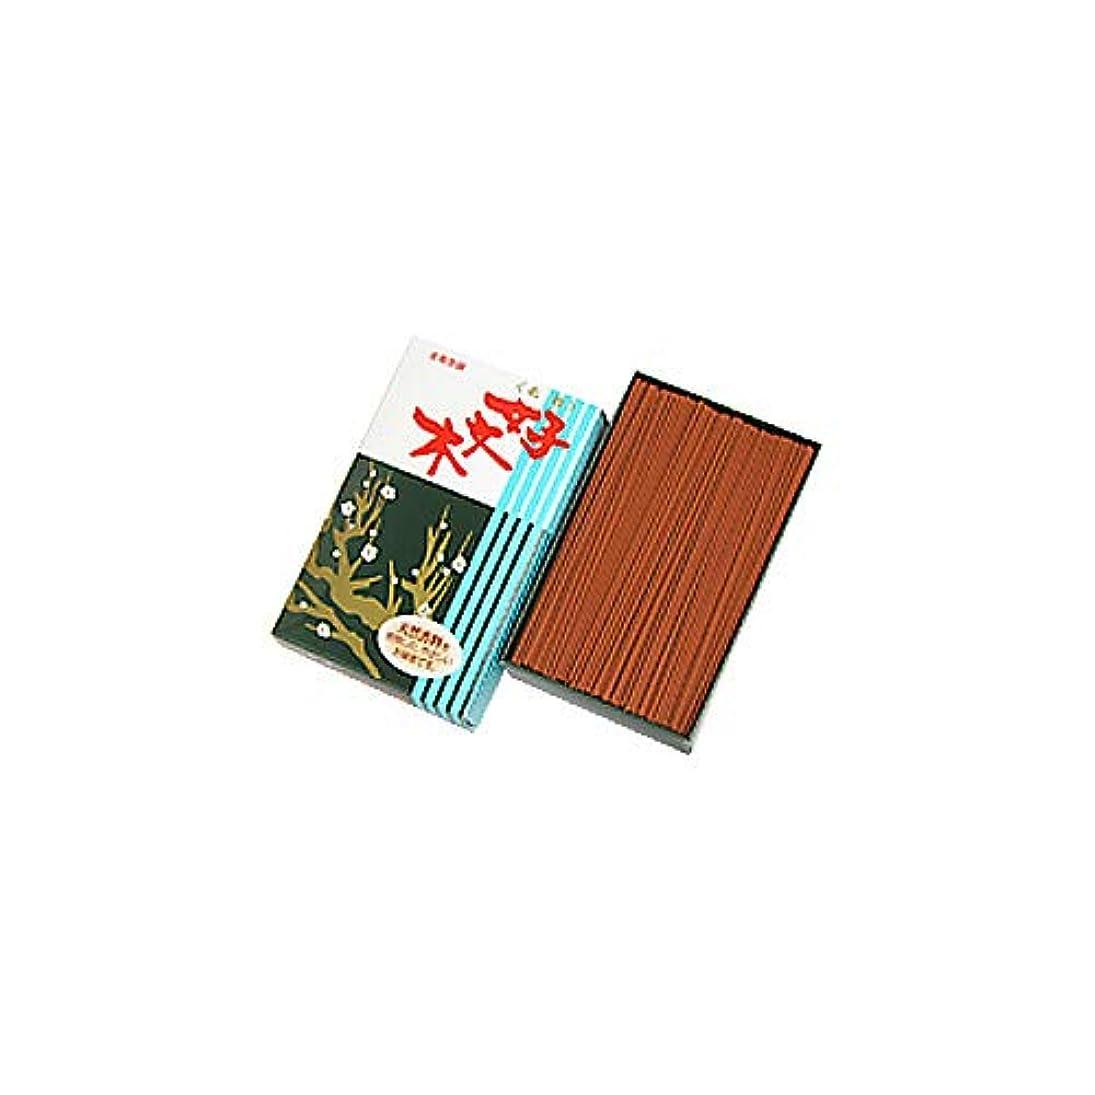 ガイドライン証明するガジュマル家庭用線香 好文木 お徳用大型バラ詰(箱寸法15×9.5×4cm)◆さわやかな白檀の香りのお線香(梅栄堂)